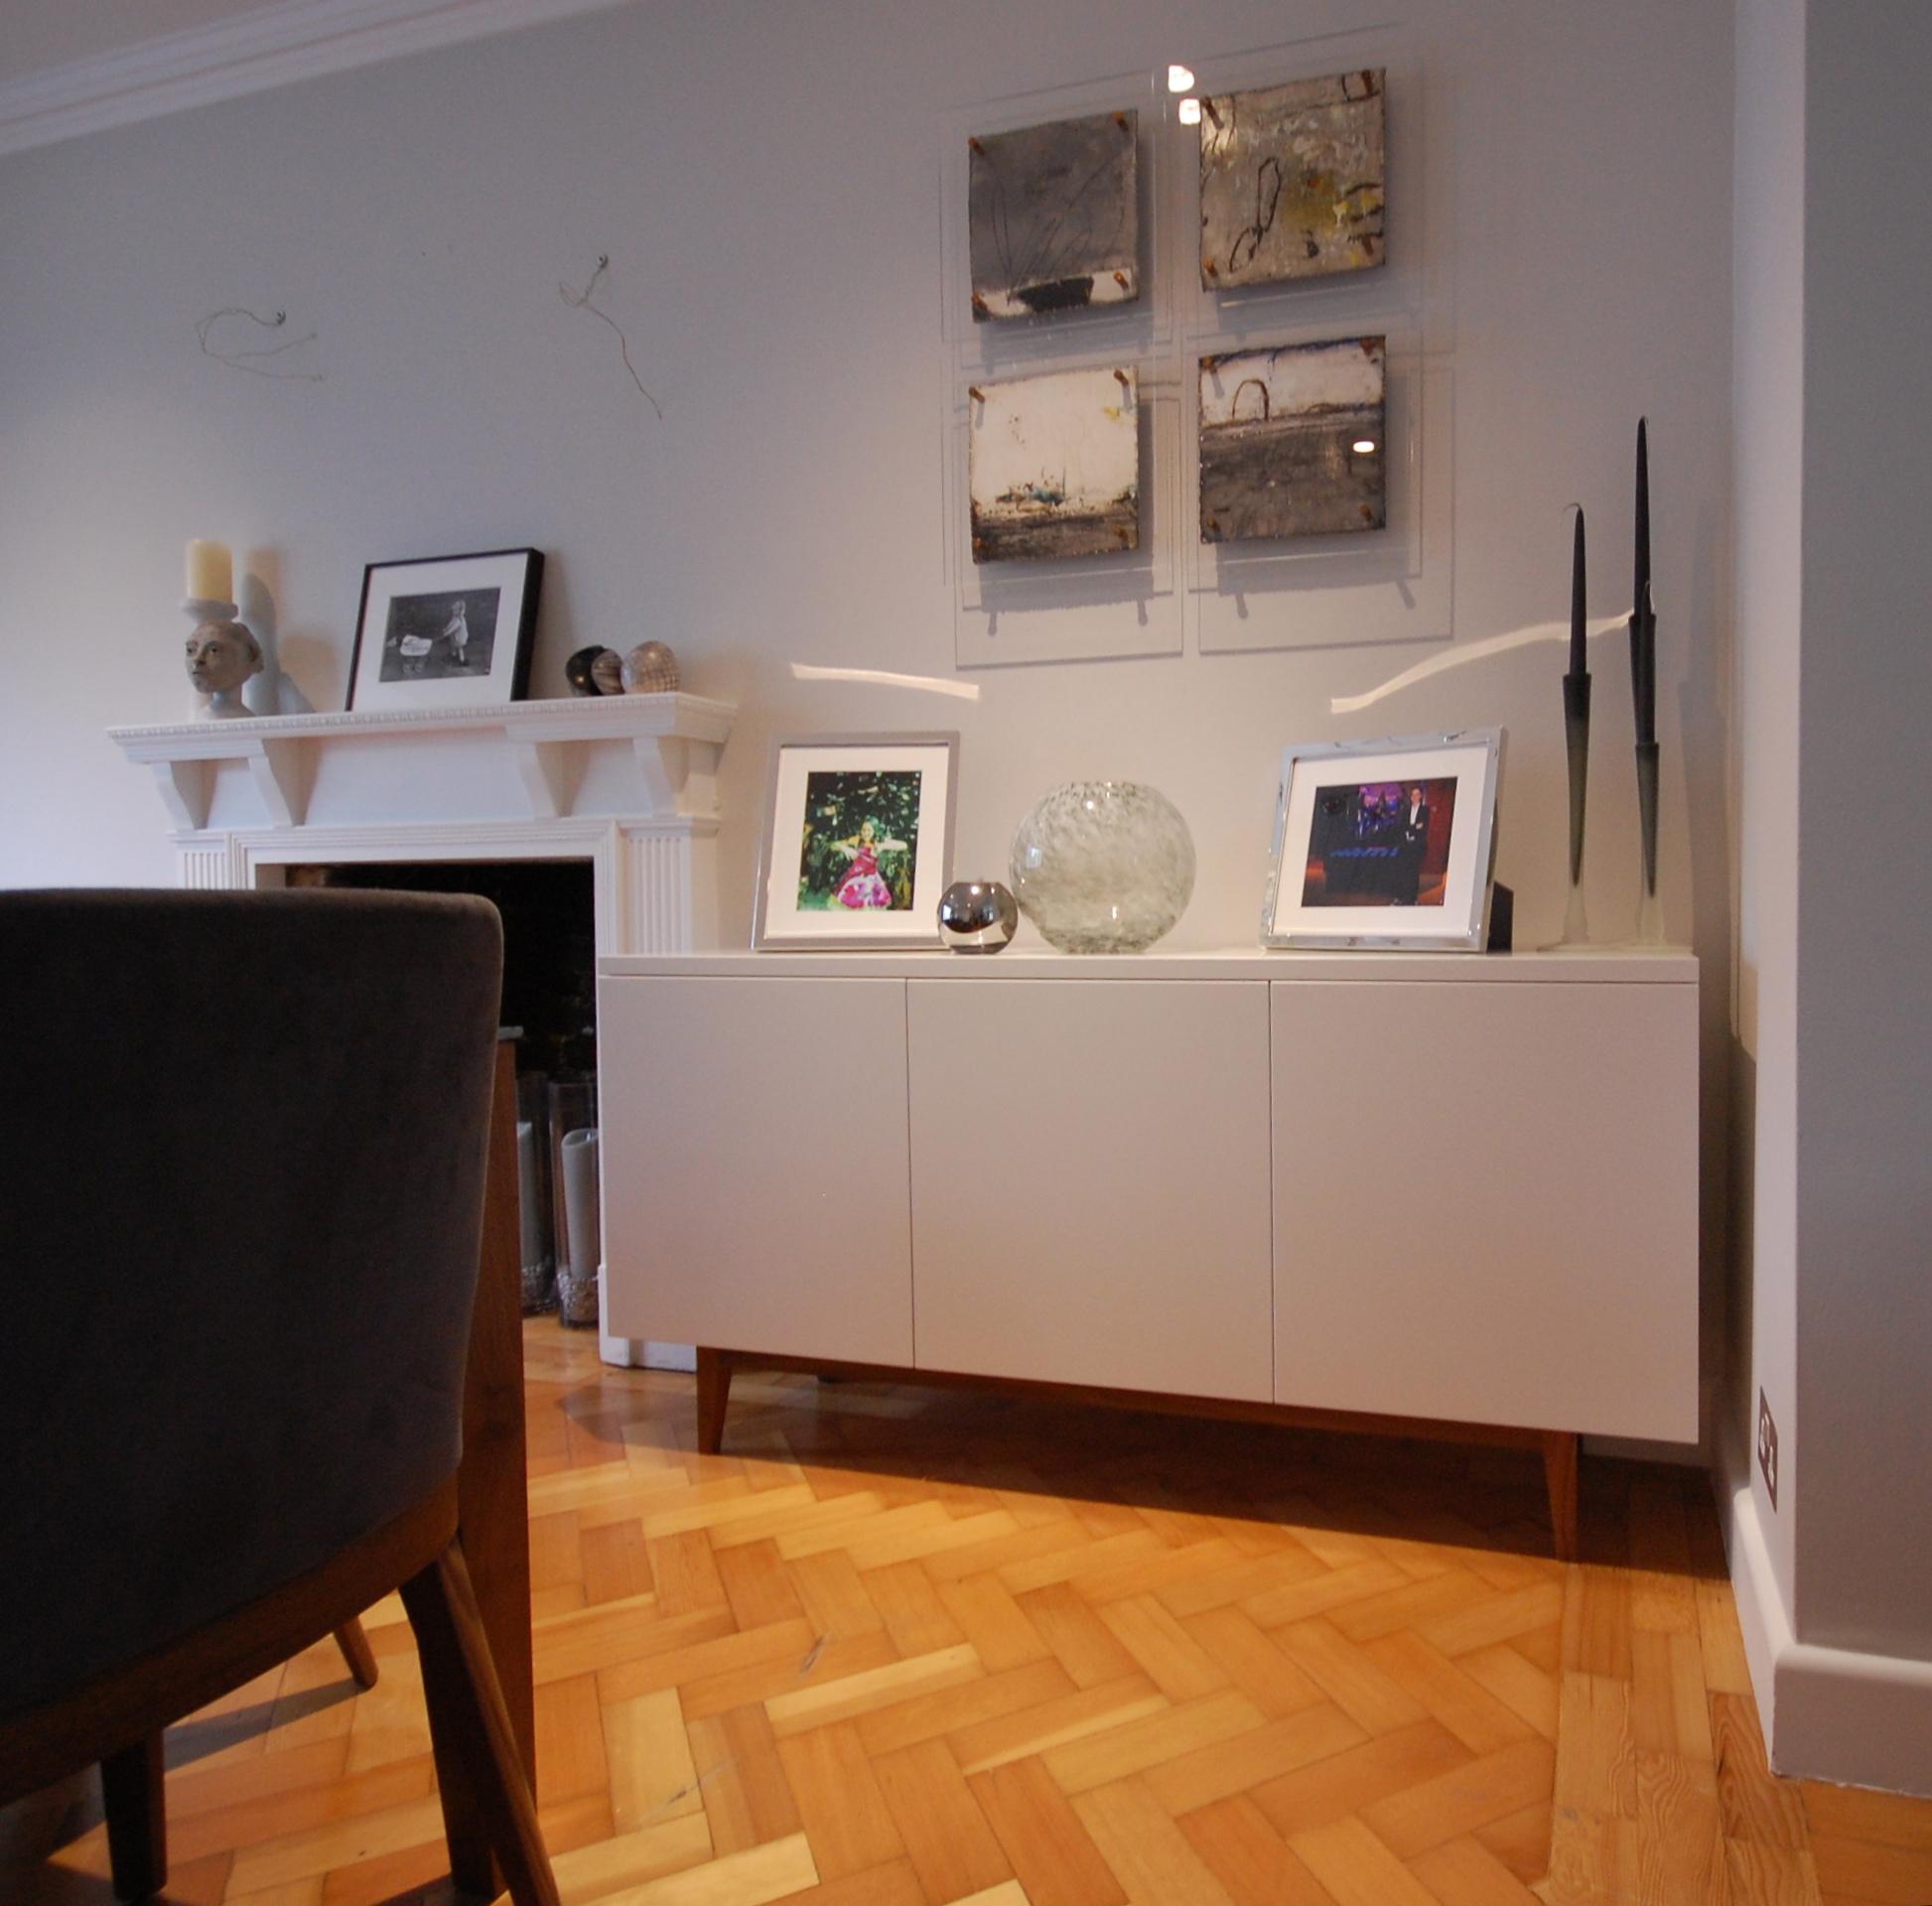 Grain_Bespoke_Furniture_Dining_Table_Sideboard_3.jpg